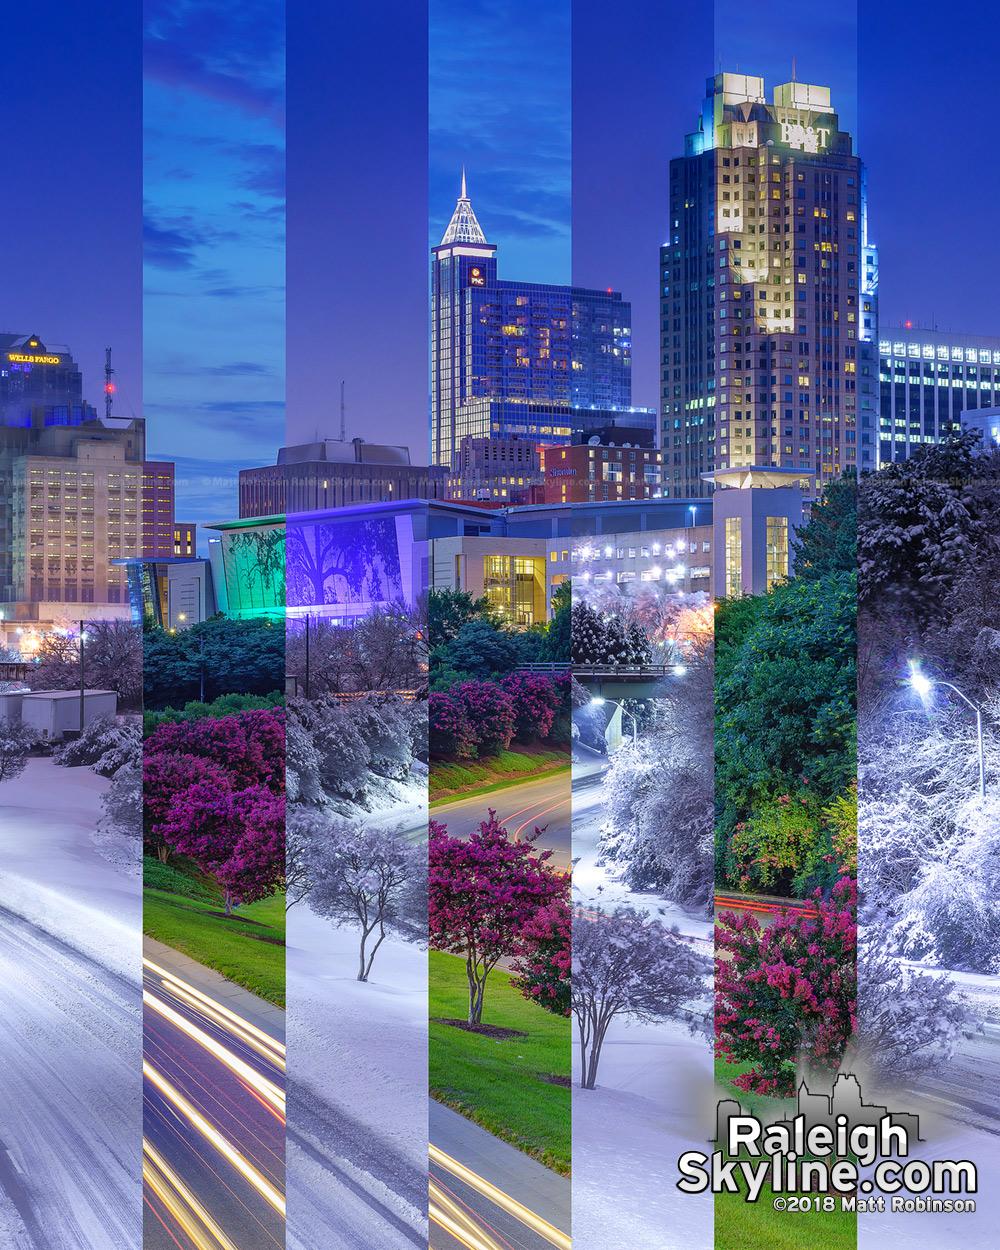 Raleigh Summer Winter 2018 Comparison